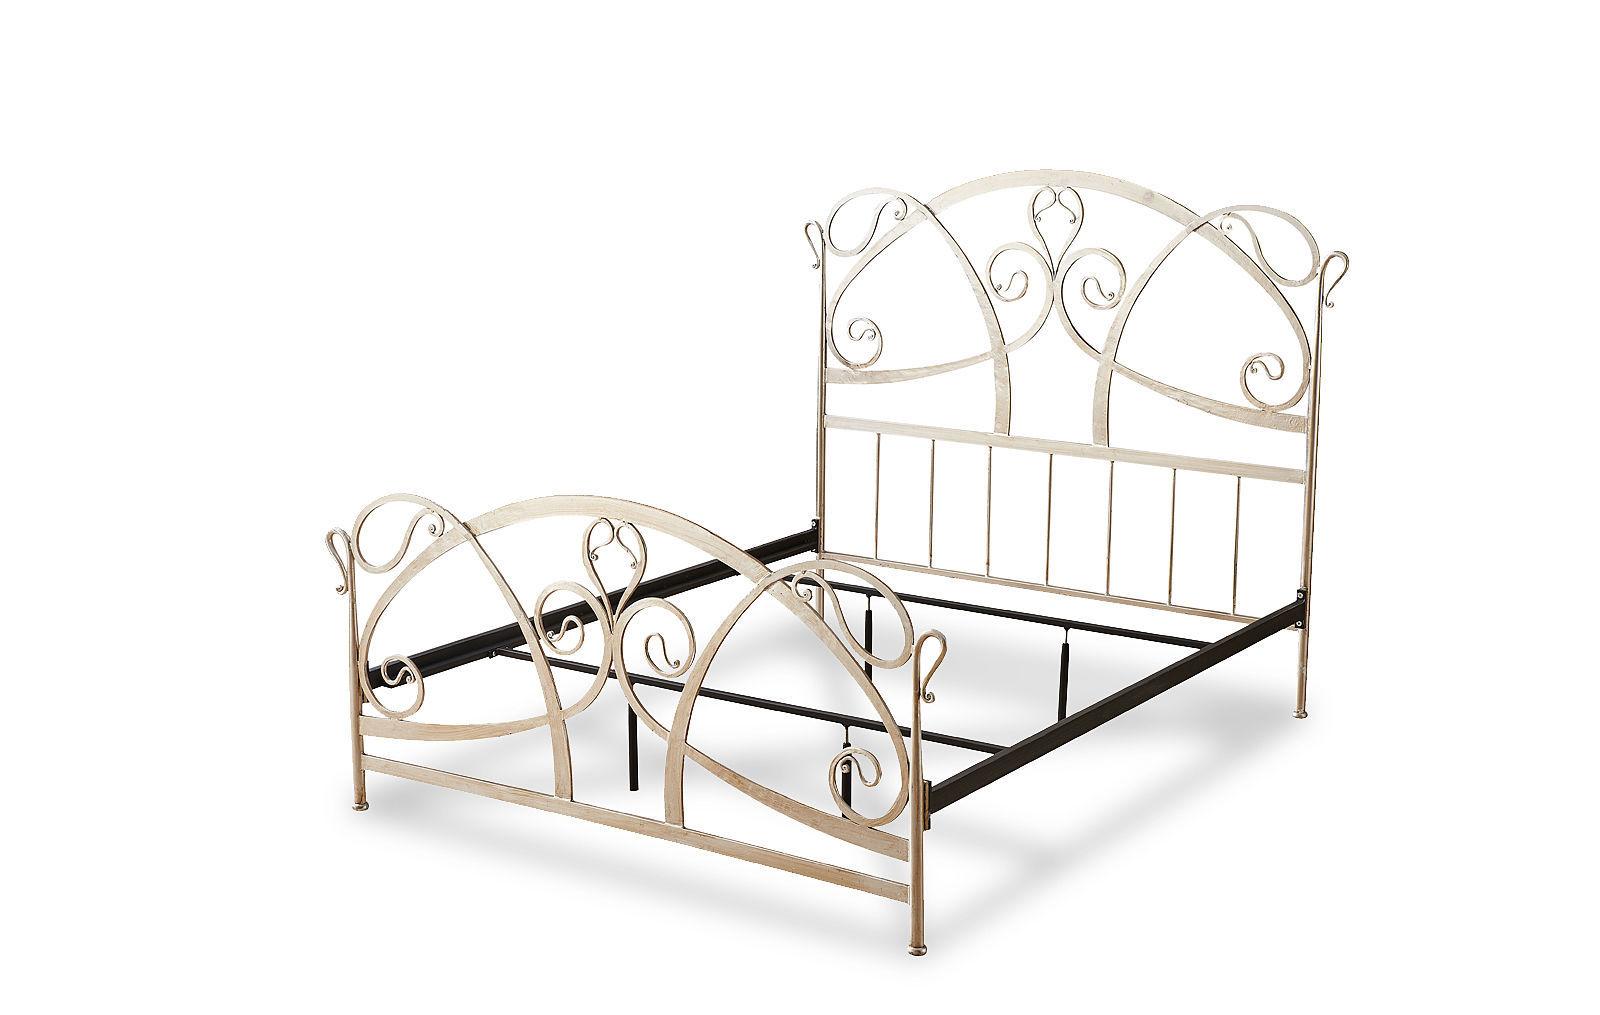 Кованая кровать TDF1606 GOLD (золото)